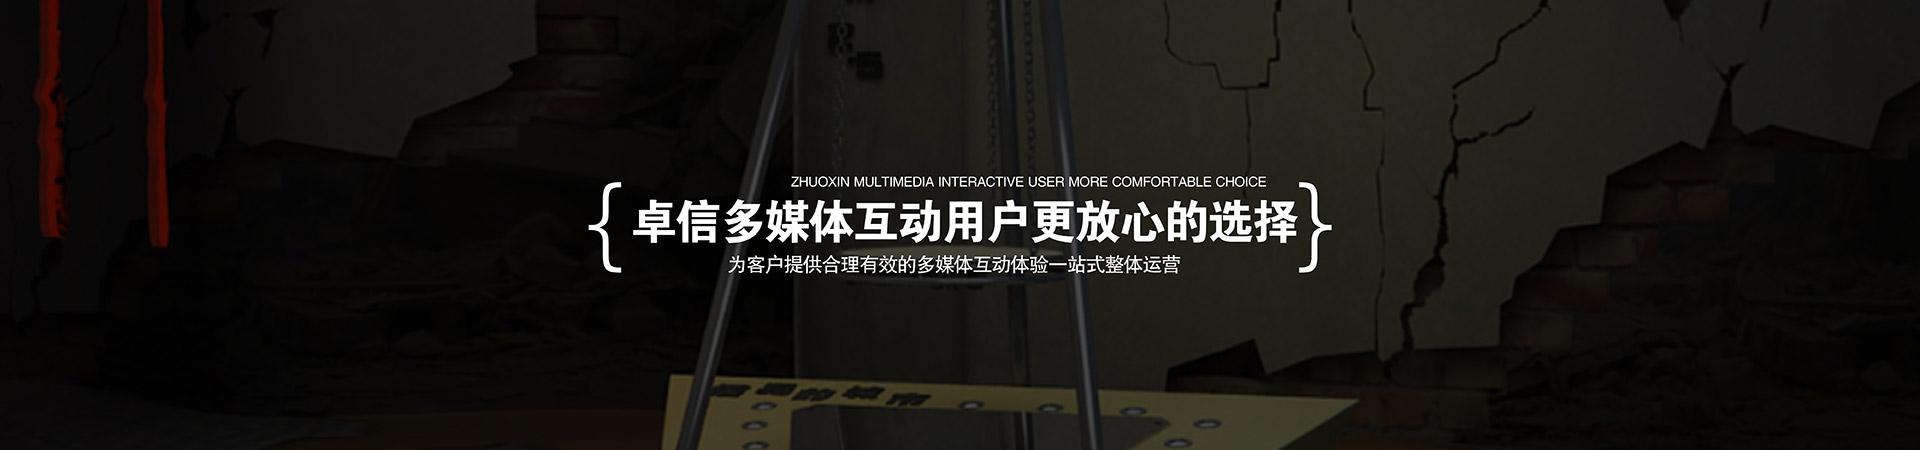 安全体验VR太空舱VR影院虚拟现实